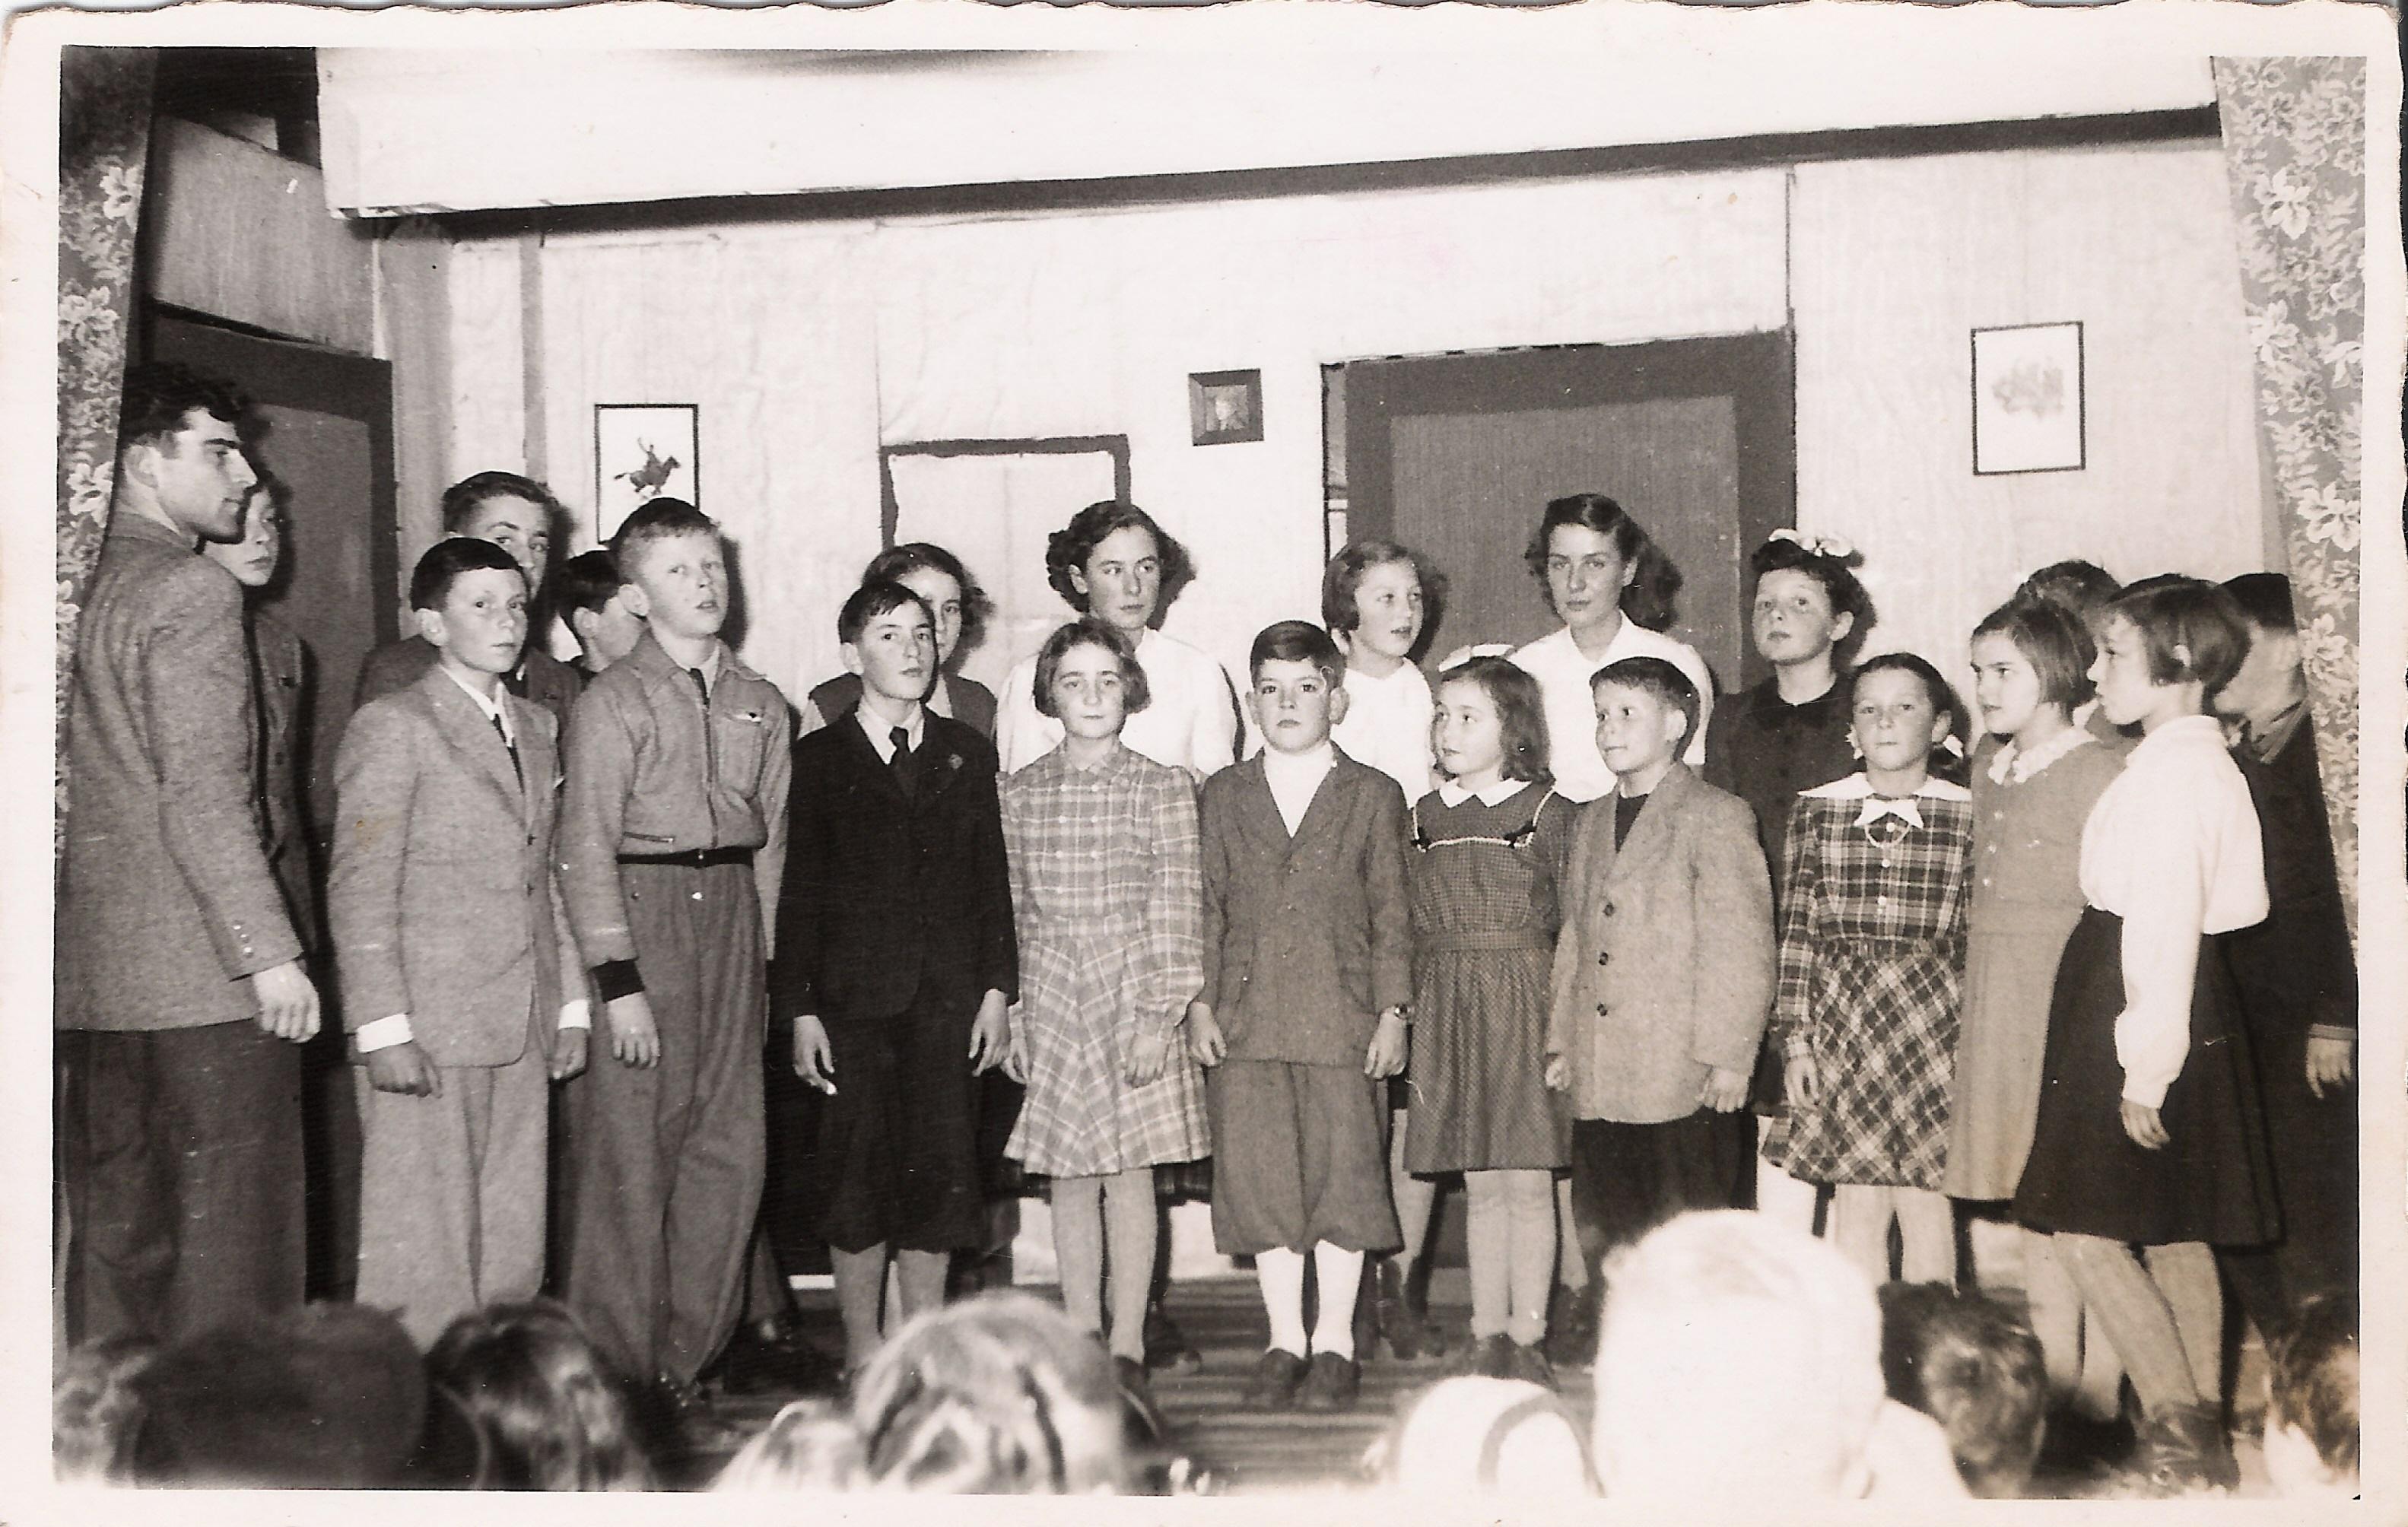 Bettens soirée classe ~1952